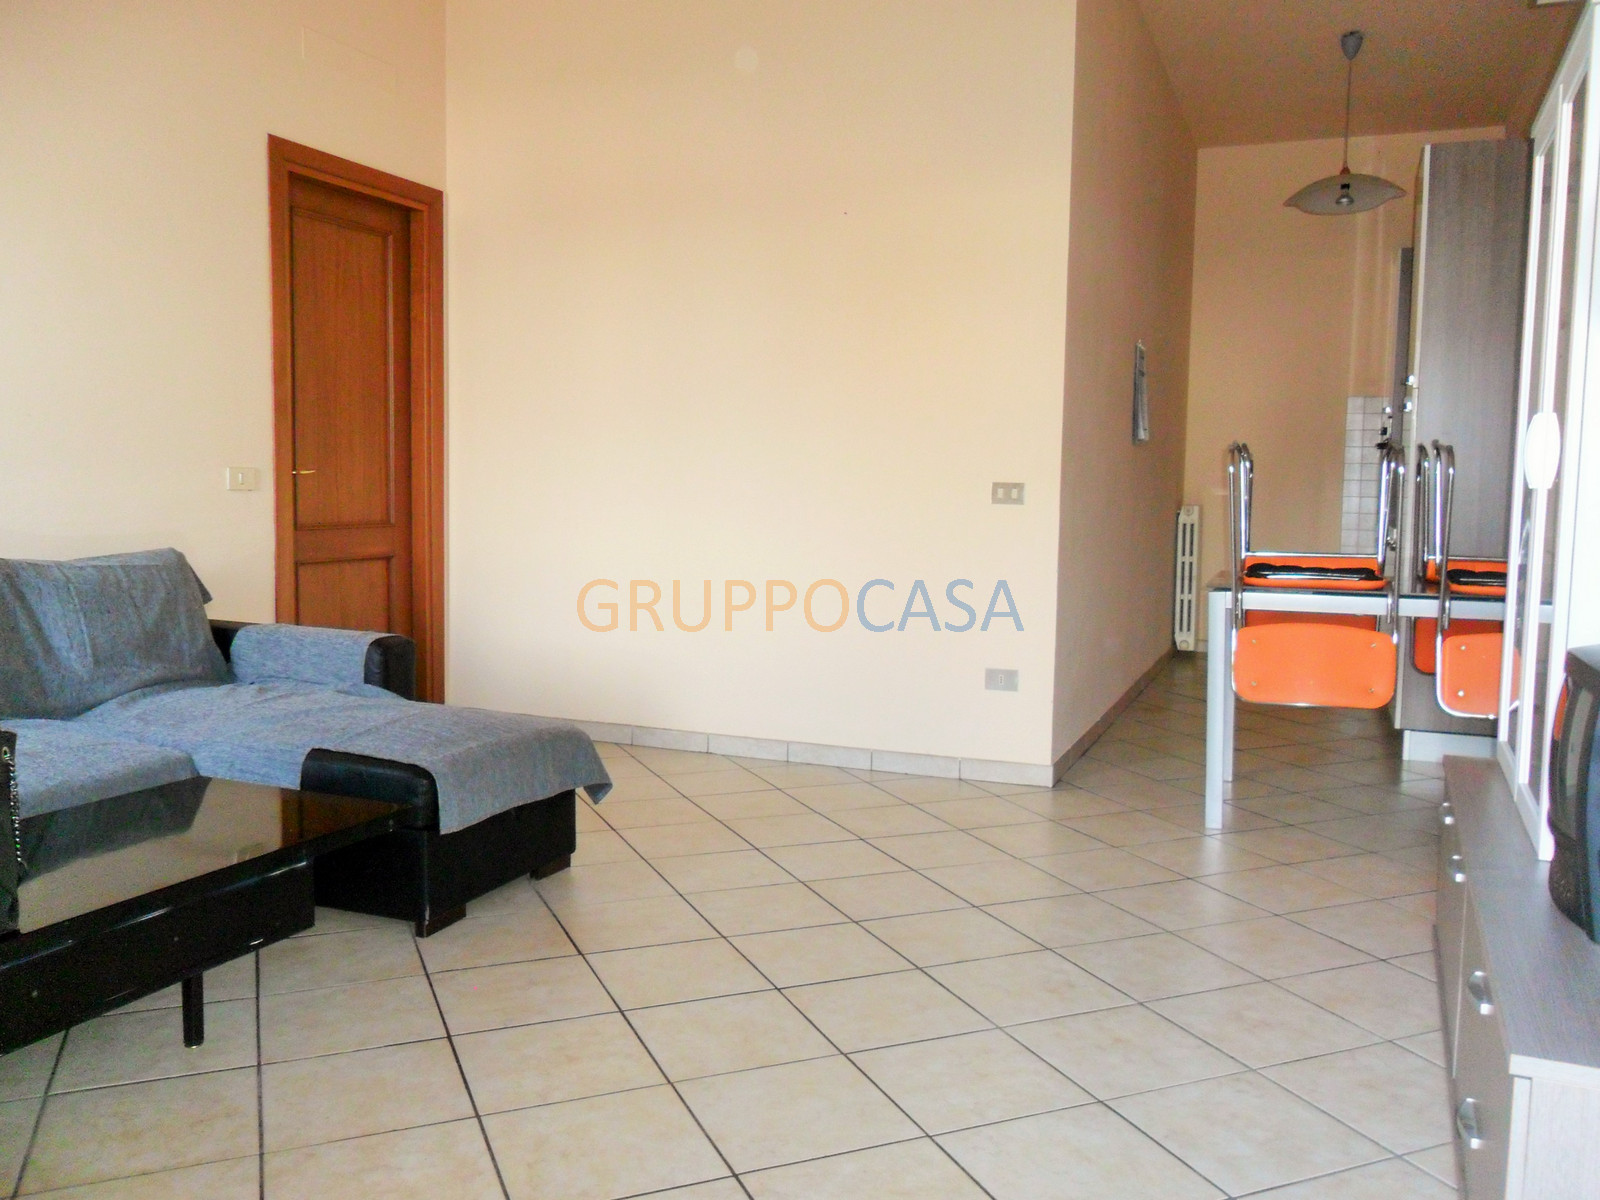 Appartamento in affitto a Uzzano, 2 locali, zona Località: Forone, prezzo € 400 | Cambio Casa.it